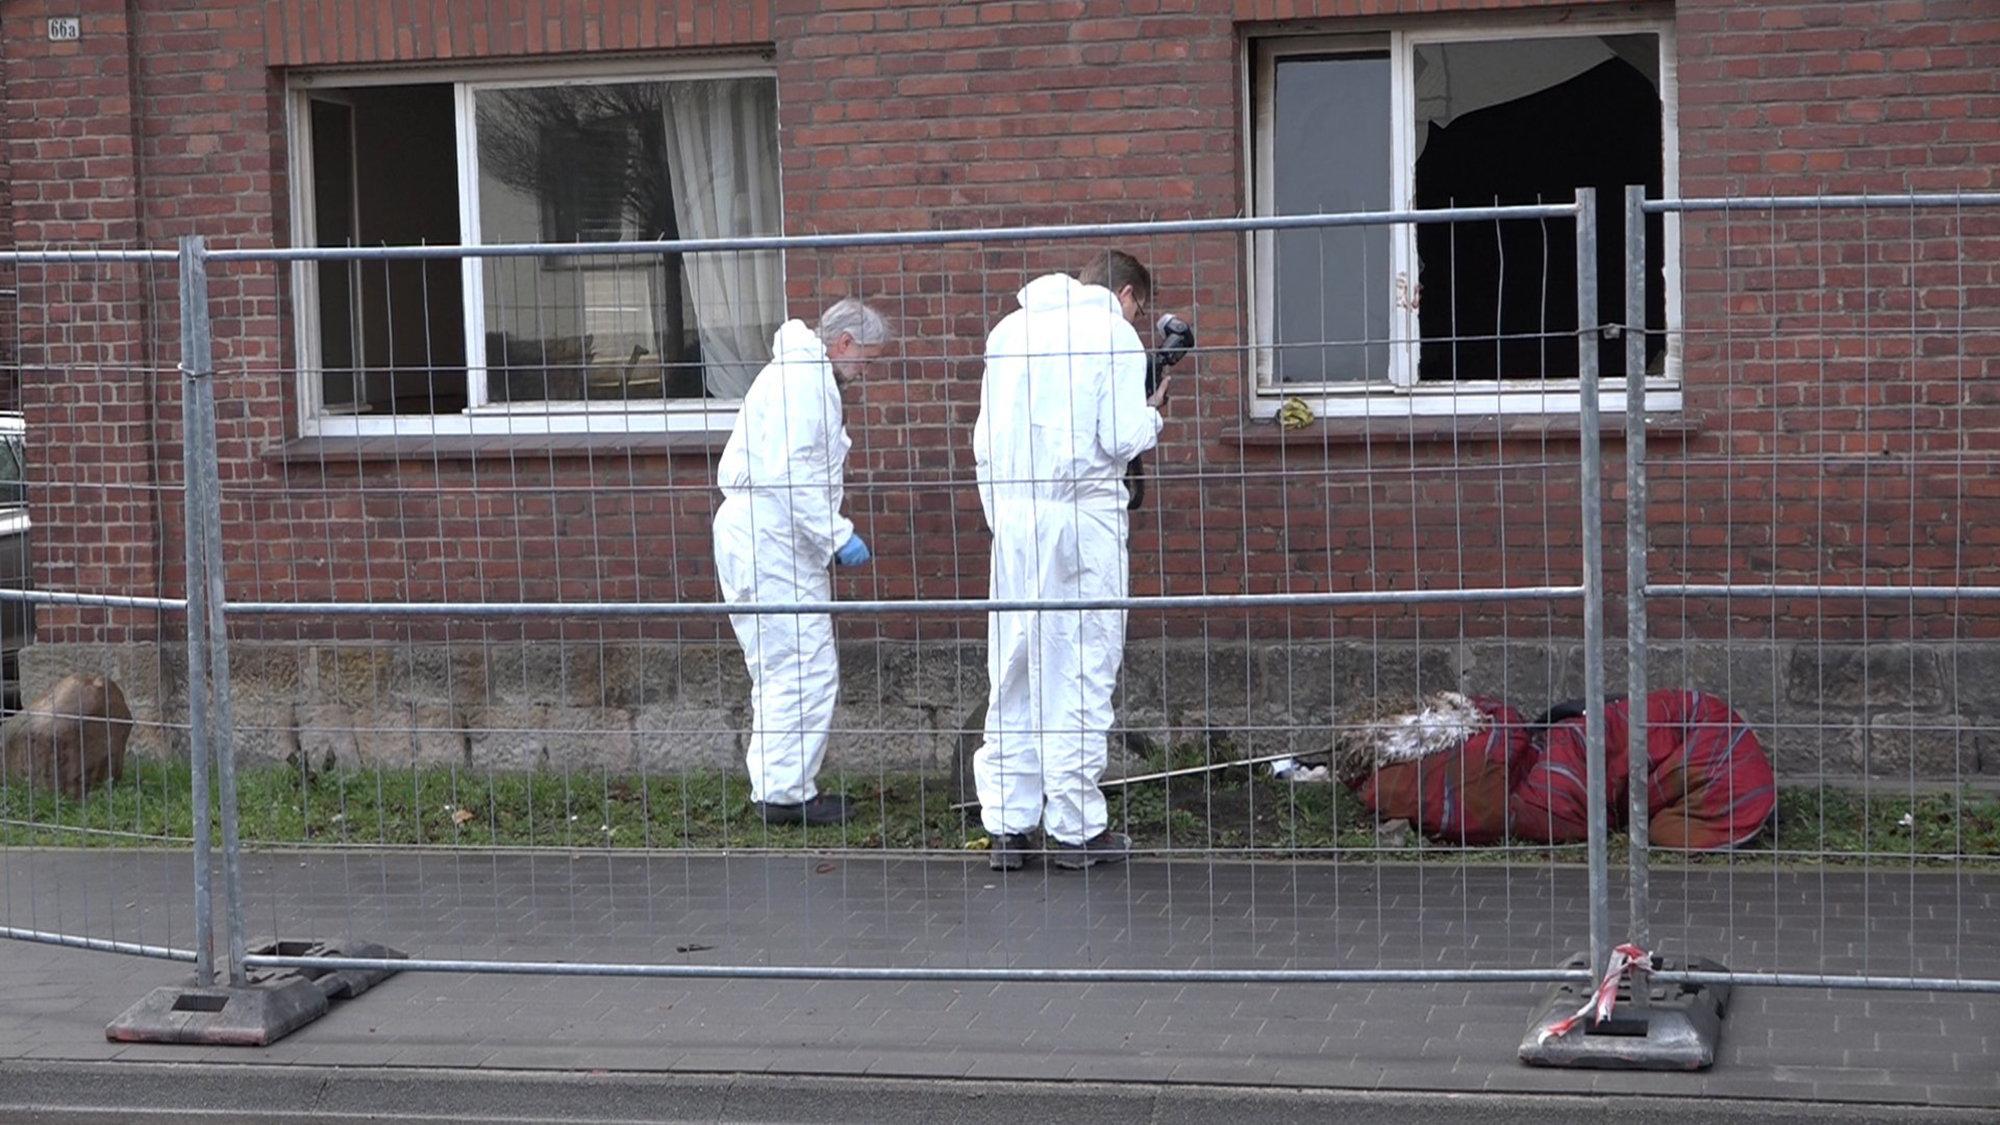 Dublin: Drei Tote Kinder in Haus entdeckt - Ermittler finden mysteriösen Zettel